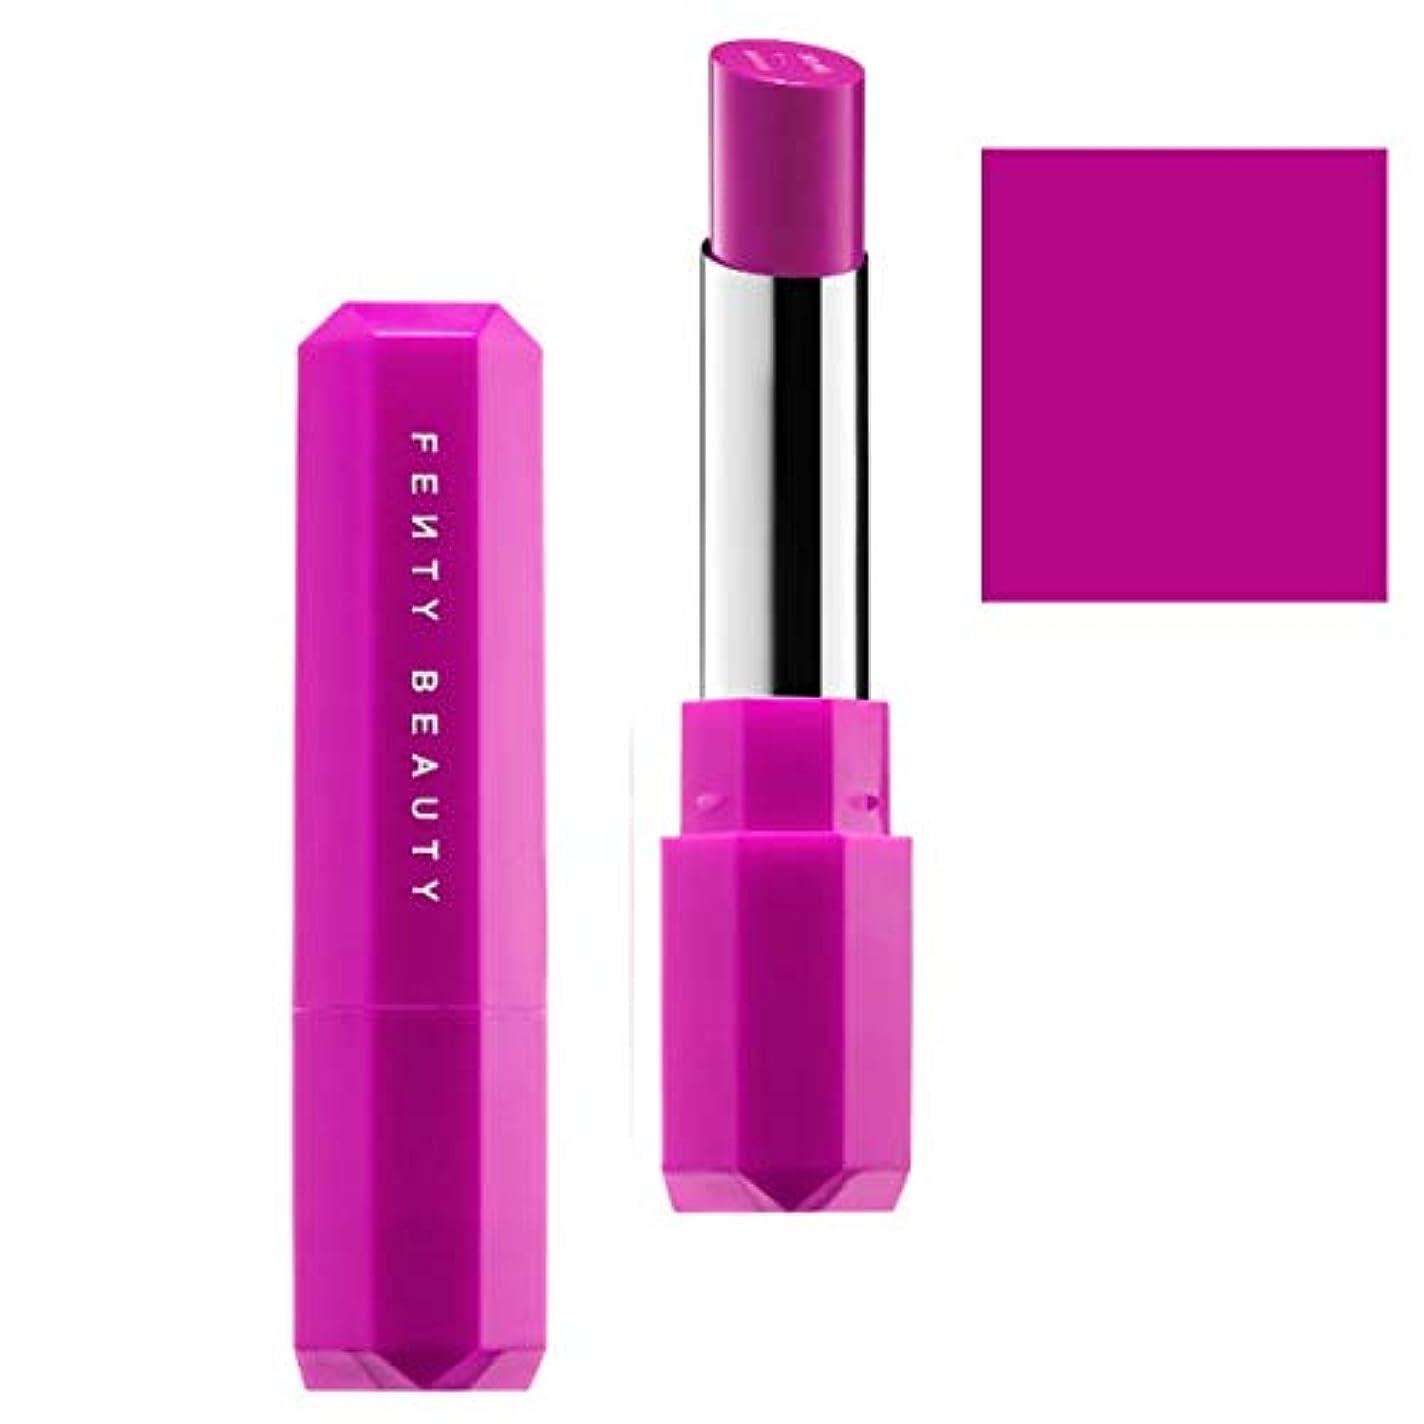 不足構築する正当化するFENTY BEAUTY BY RIHANNA,New!!, 限定版 limited-edition, Poutsicle Juicy Satin Lipstick - Purpcicle [海外直送品] [並行輸入品]